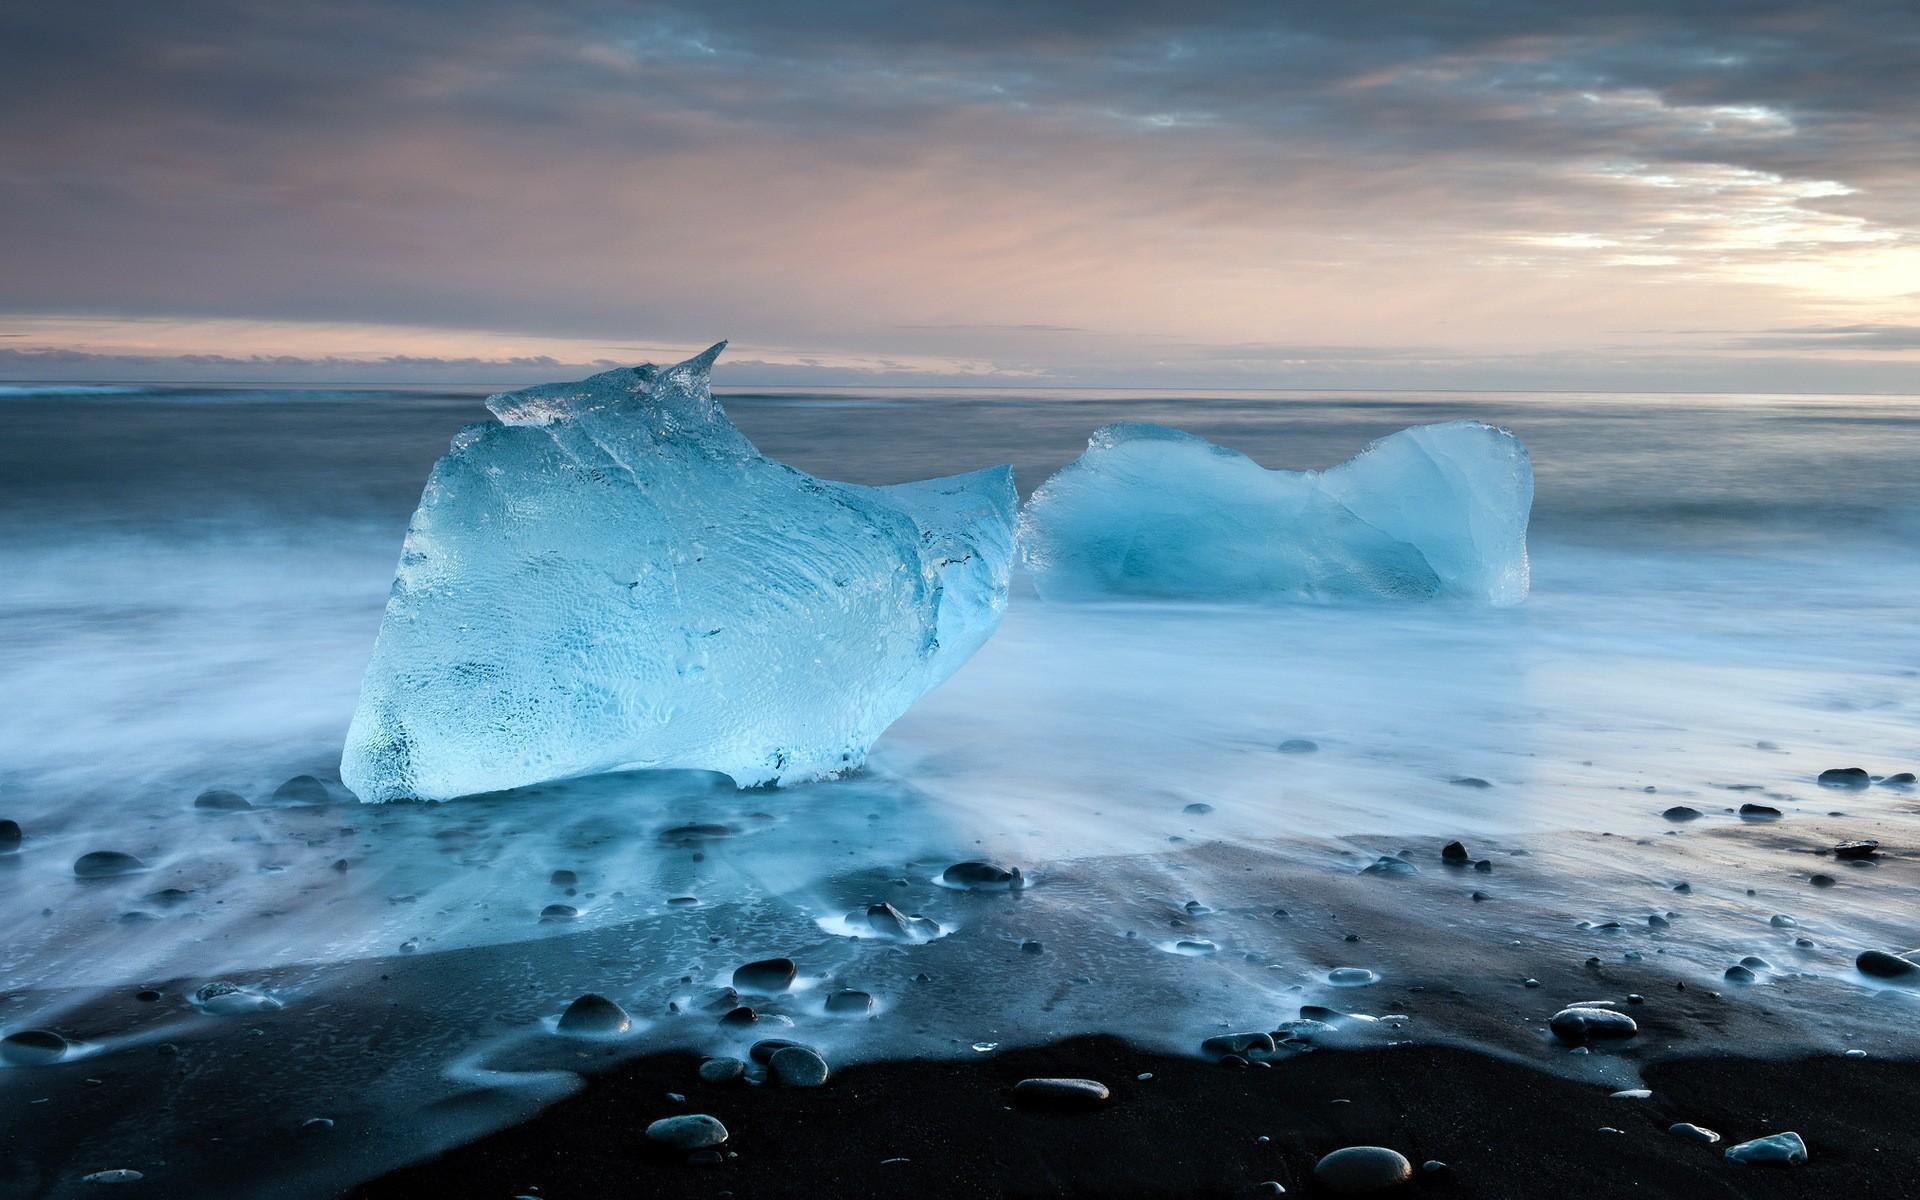 аффекторы голубое море фотографии зимой увеличивается охват аудитории